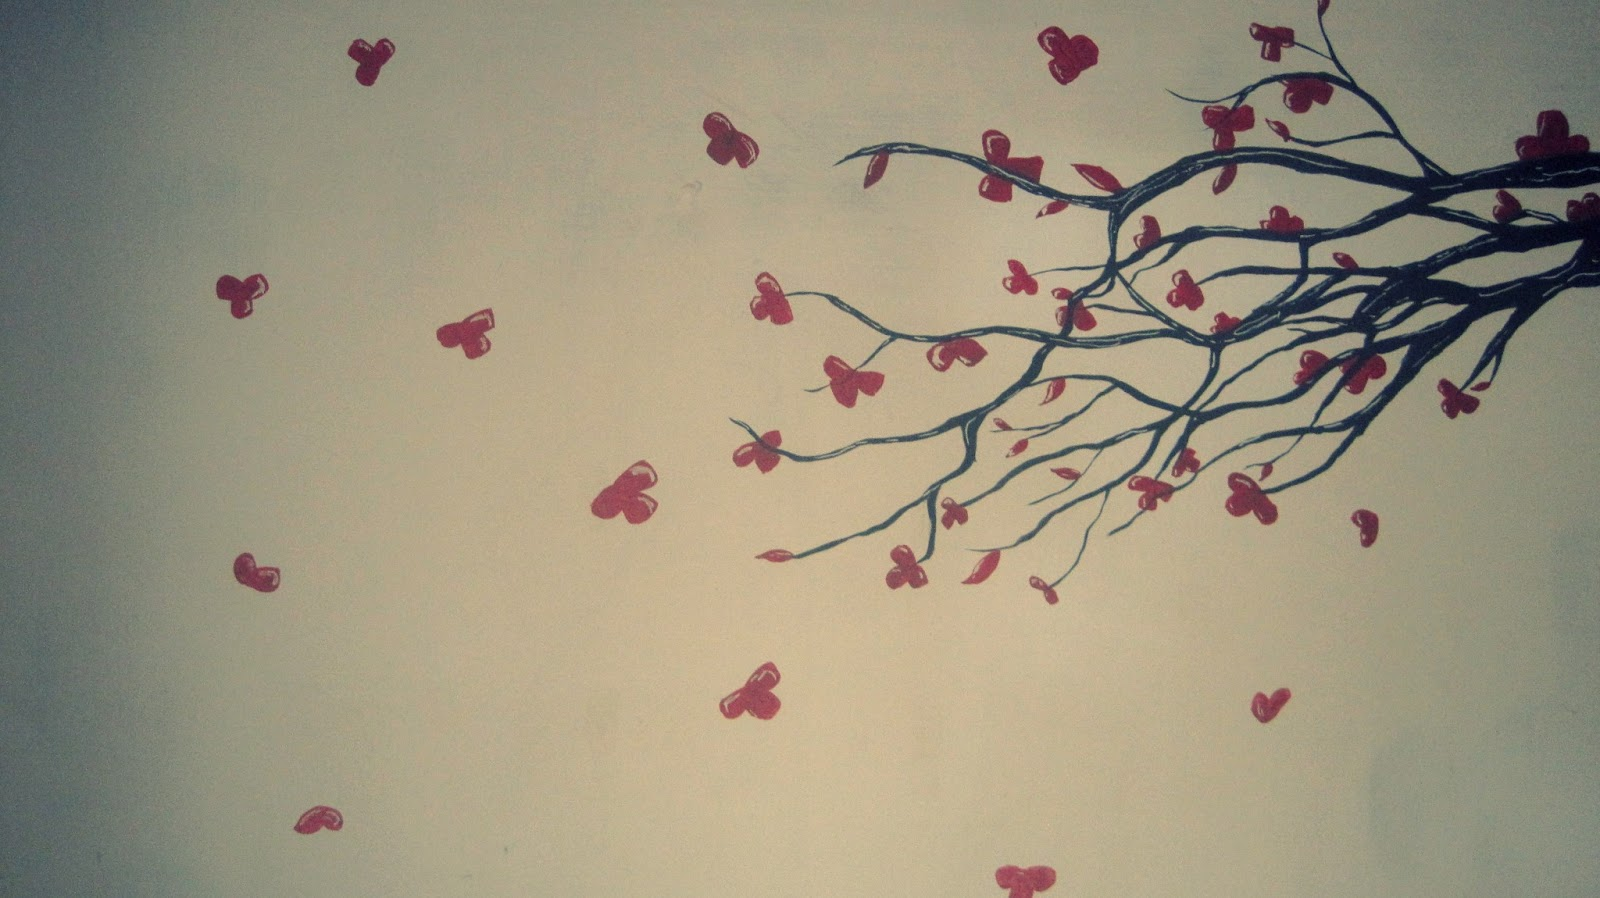 Arbol de cerezos mural en pared kadir bali black - Arboles en la pared ...